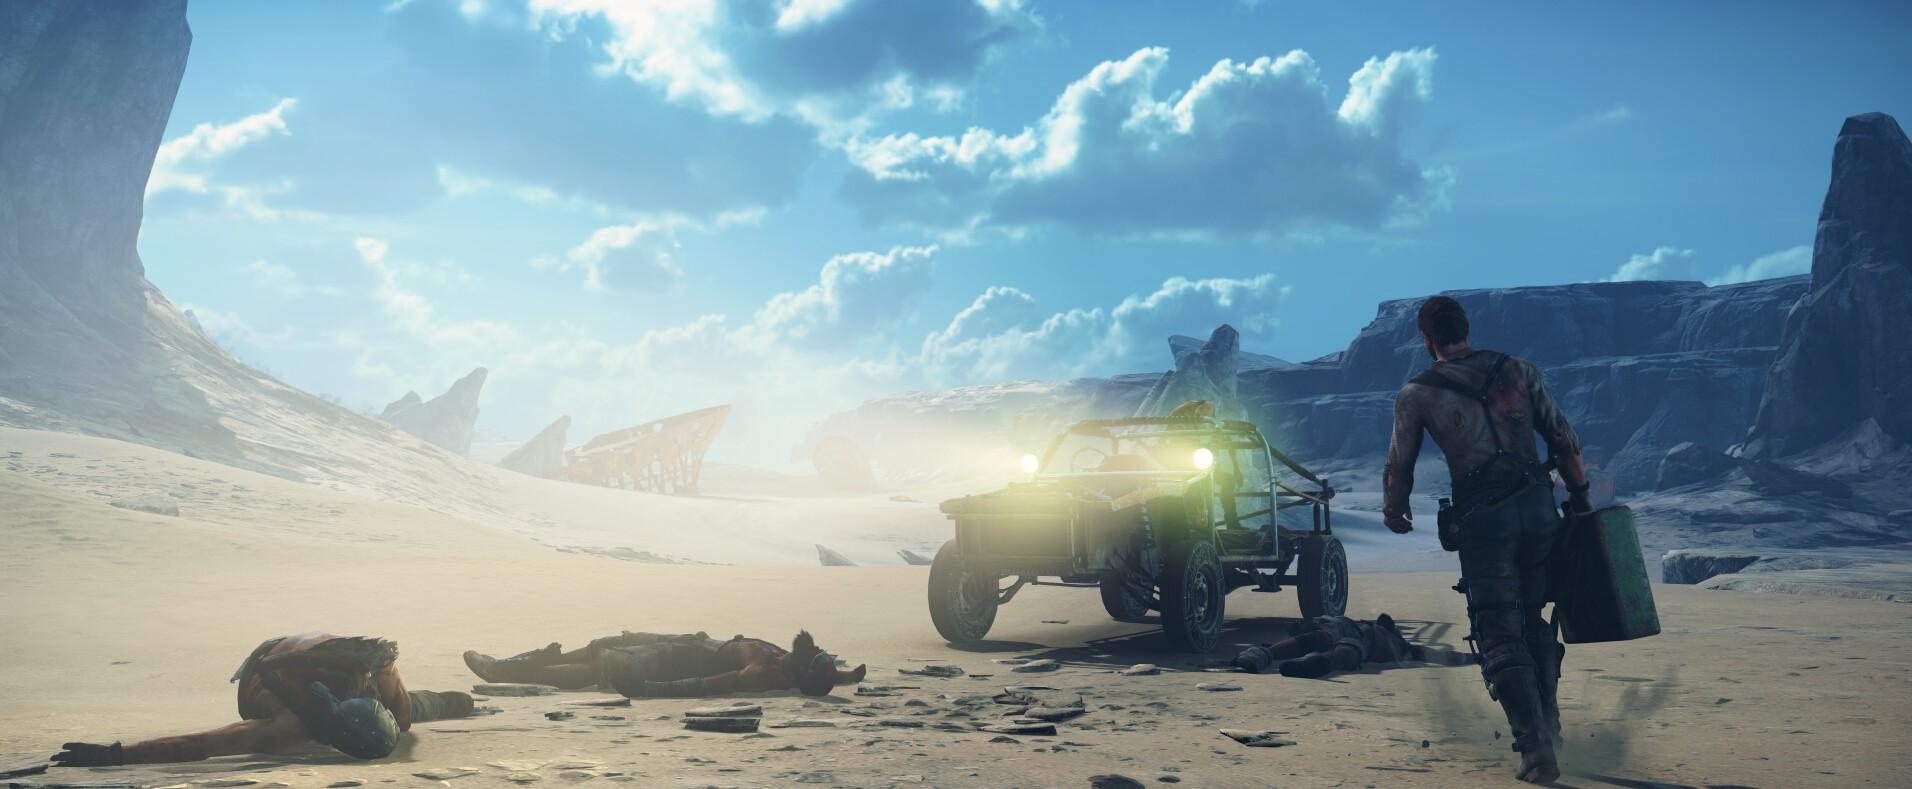 疯狂的麦克斯震撼游戏截图 广袤的黄沙世界